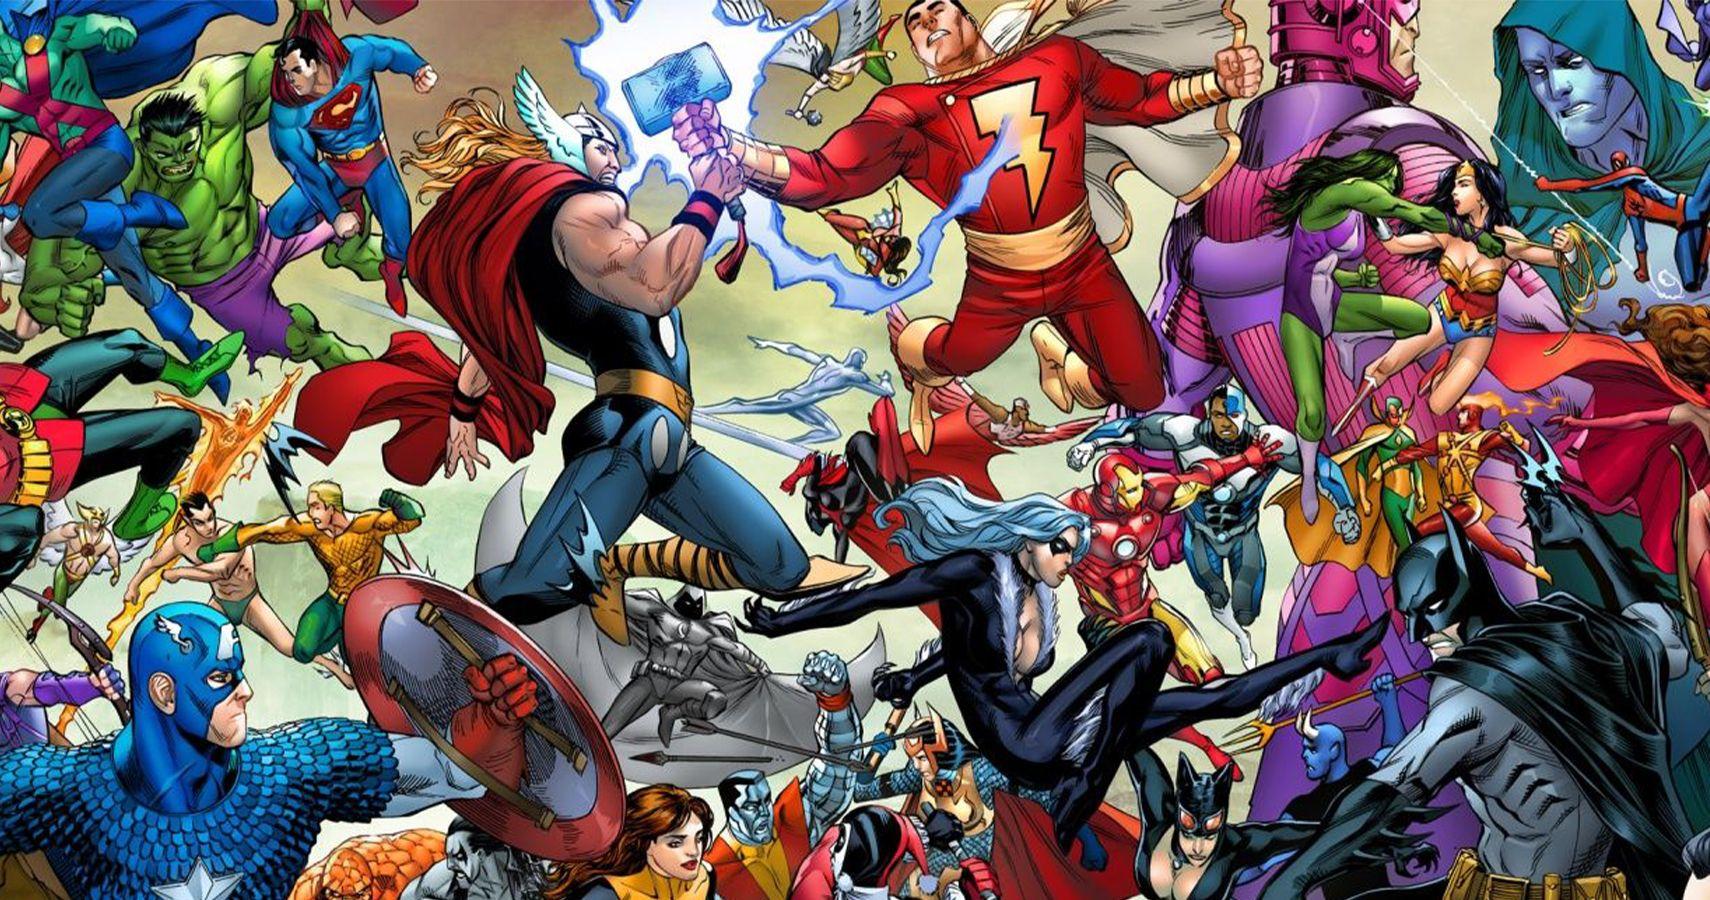 Le monde du comics appelle à un crossover Marvel / DC pour sauver l'industrie !